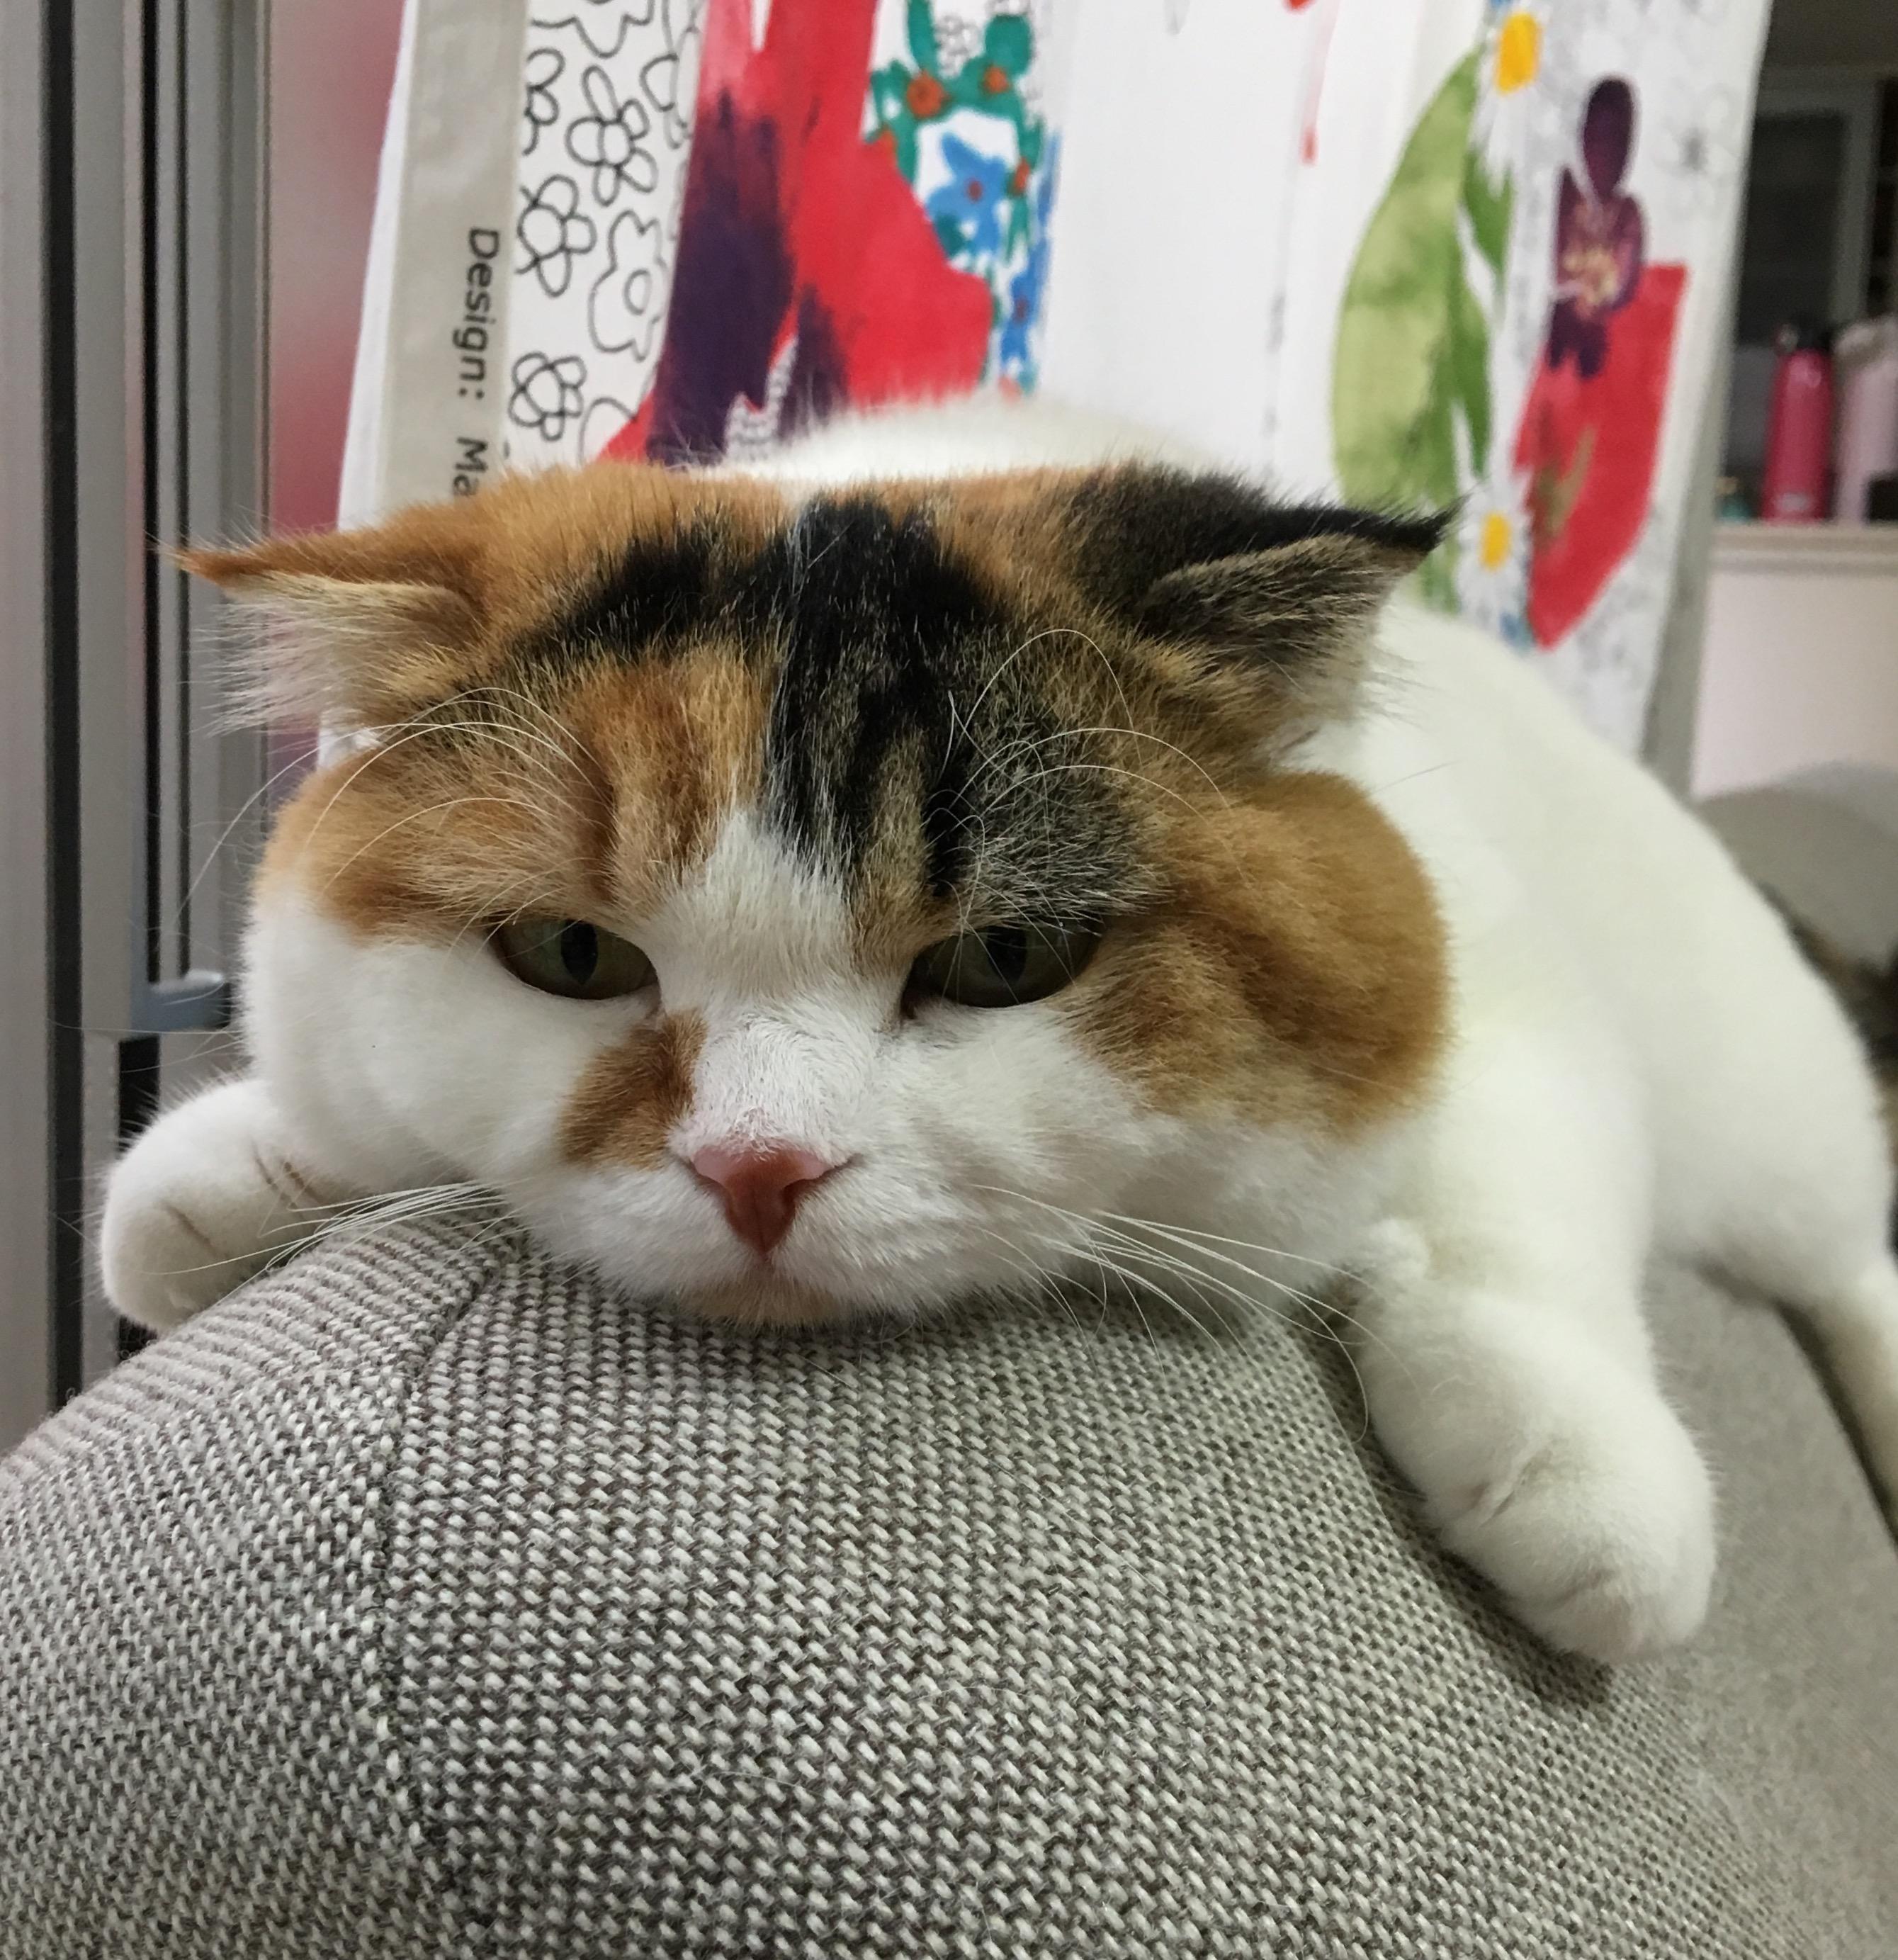 阿倍野店藤井寺店耳つぼダイエット無料カウンセリング今週の空き時間